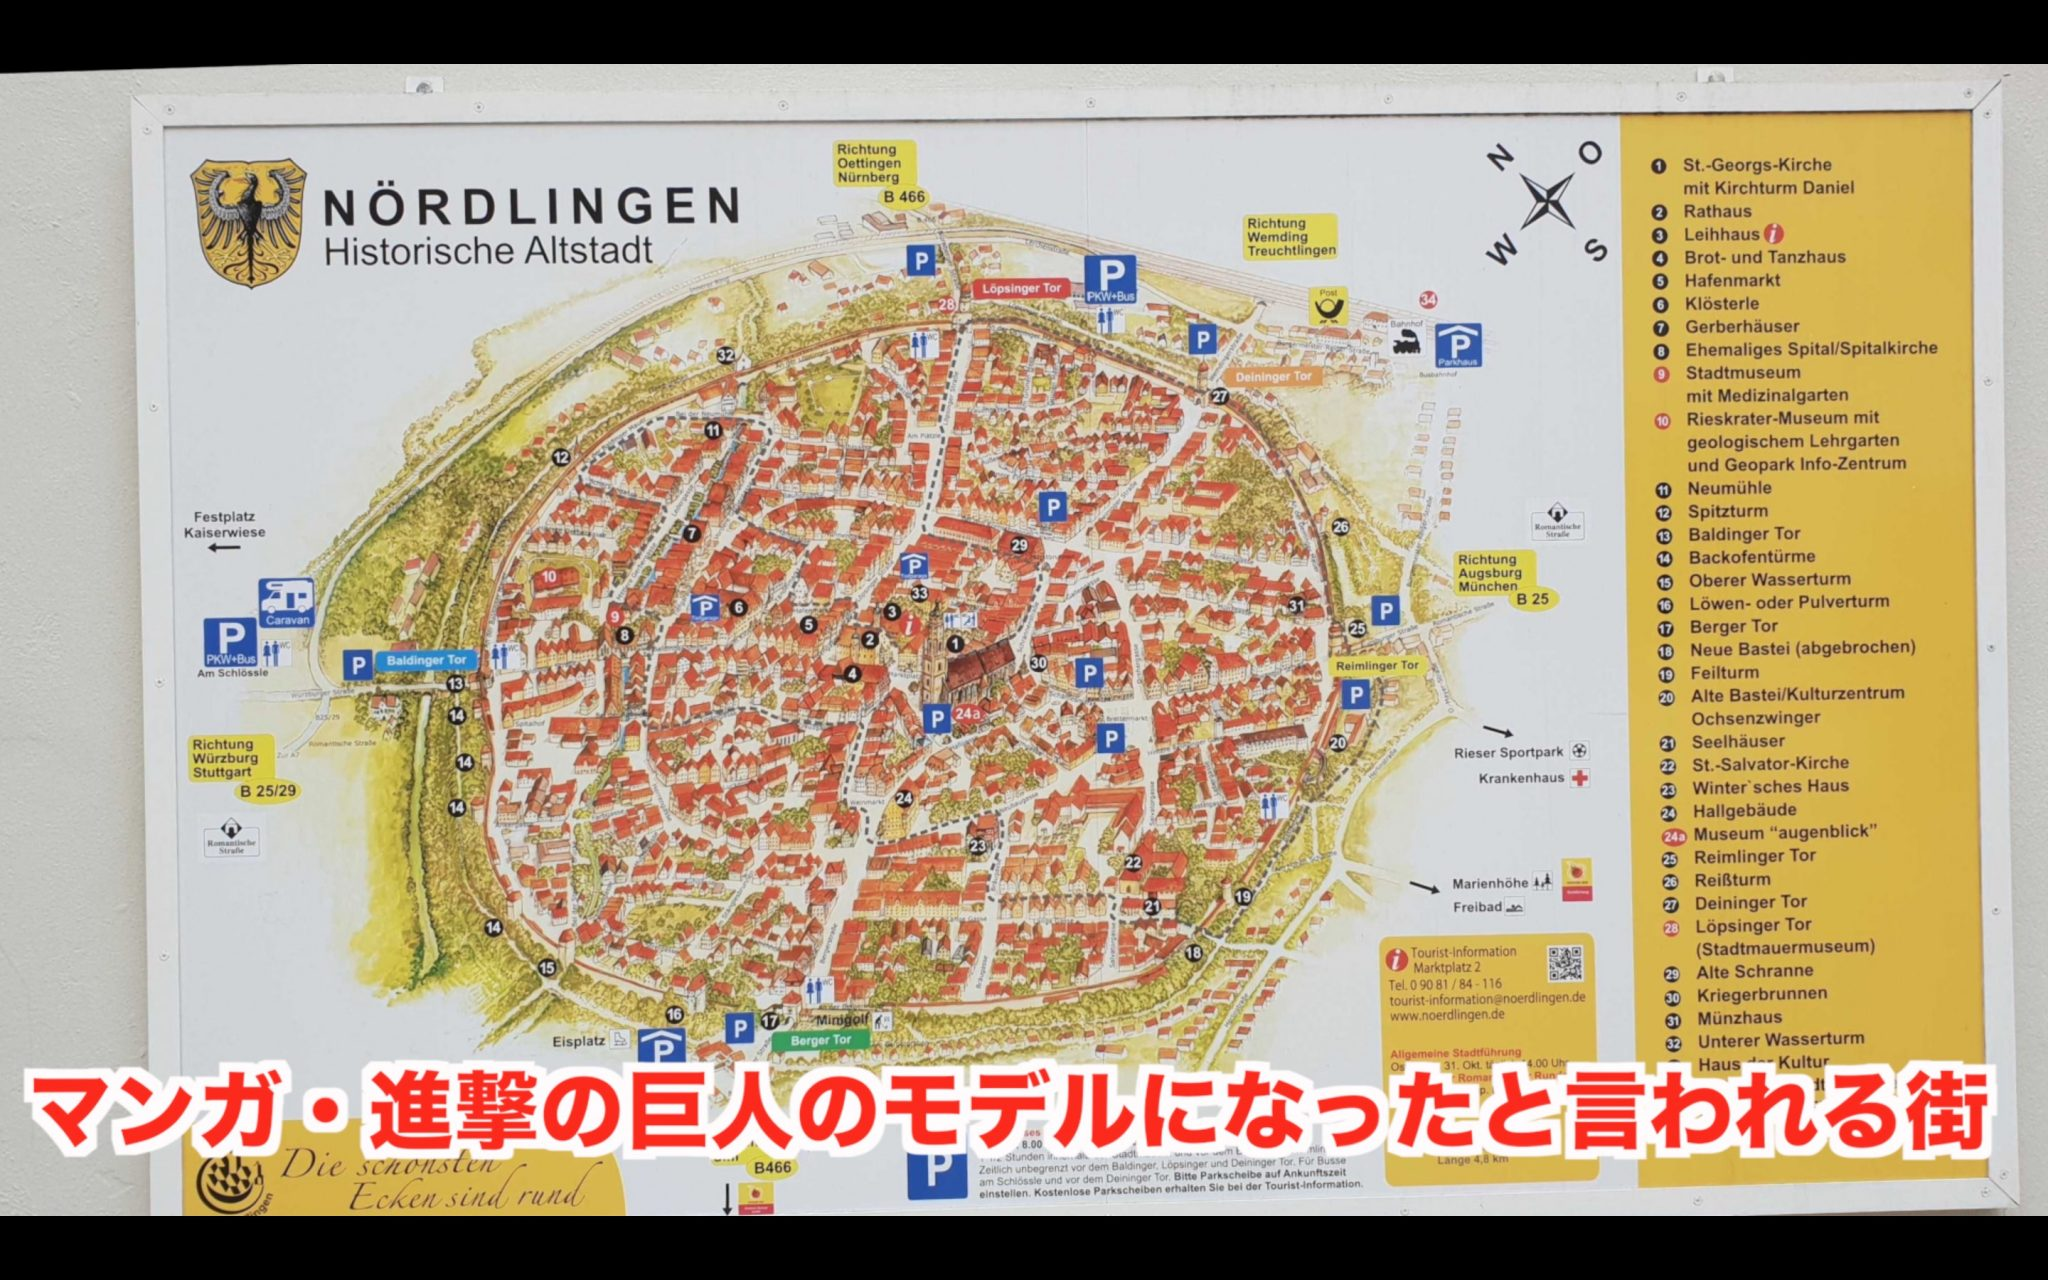 【アニメ・進撃の巨人】の舞台になったと言われる街 ネルトリンゲン